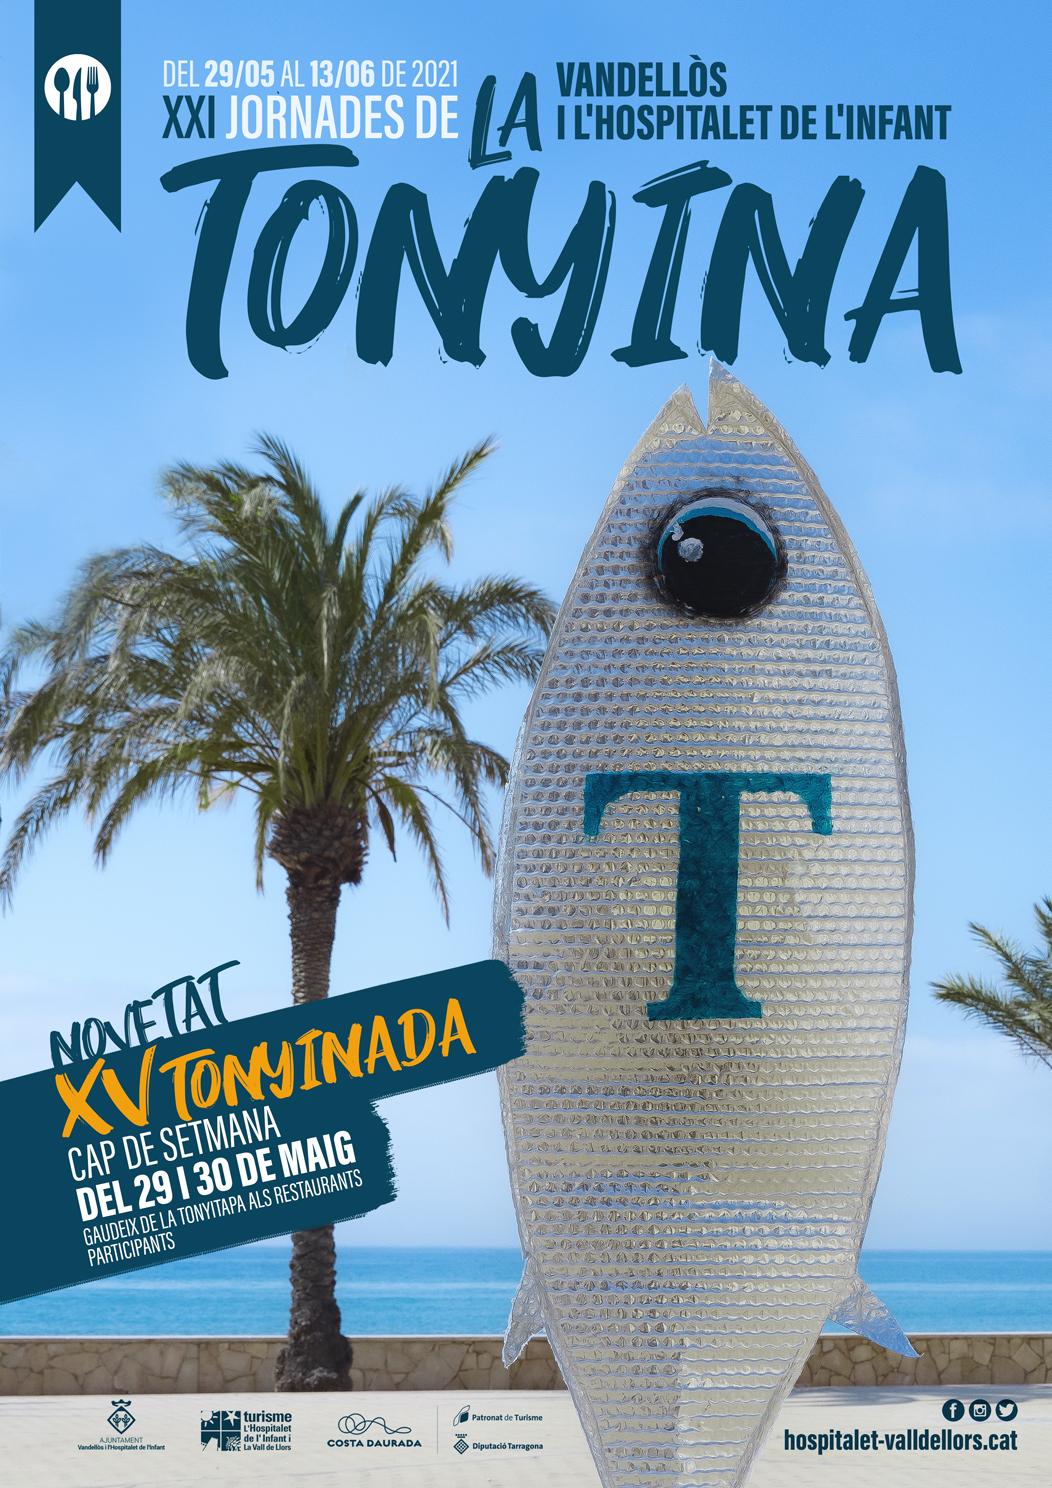 XXI Jornades de la Tonyina, del 29 de maig al 13 de juny